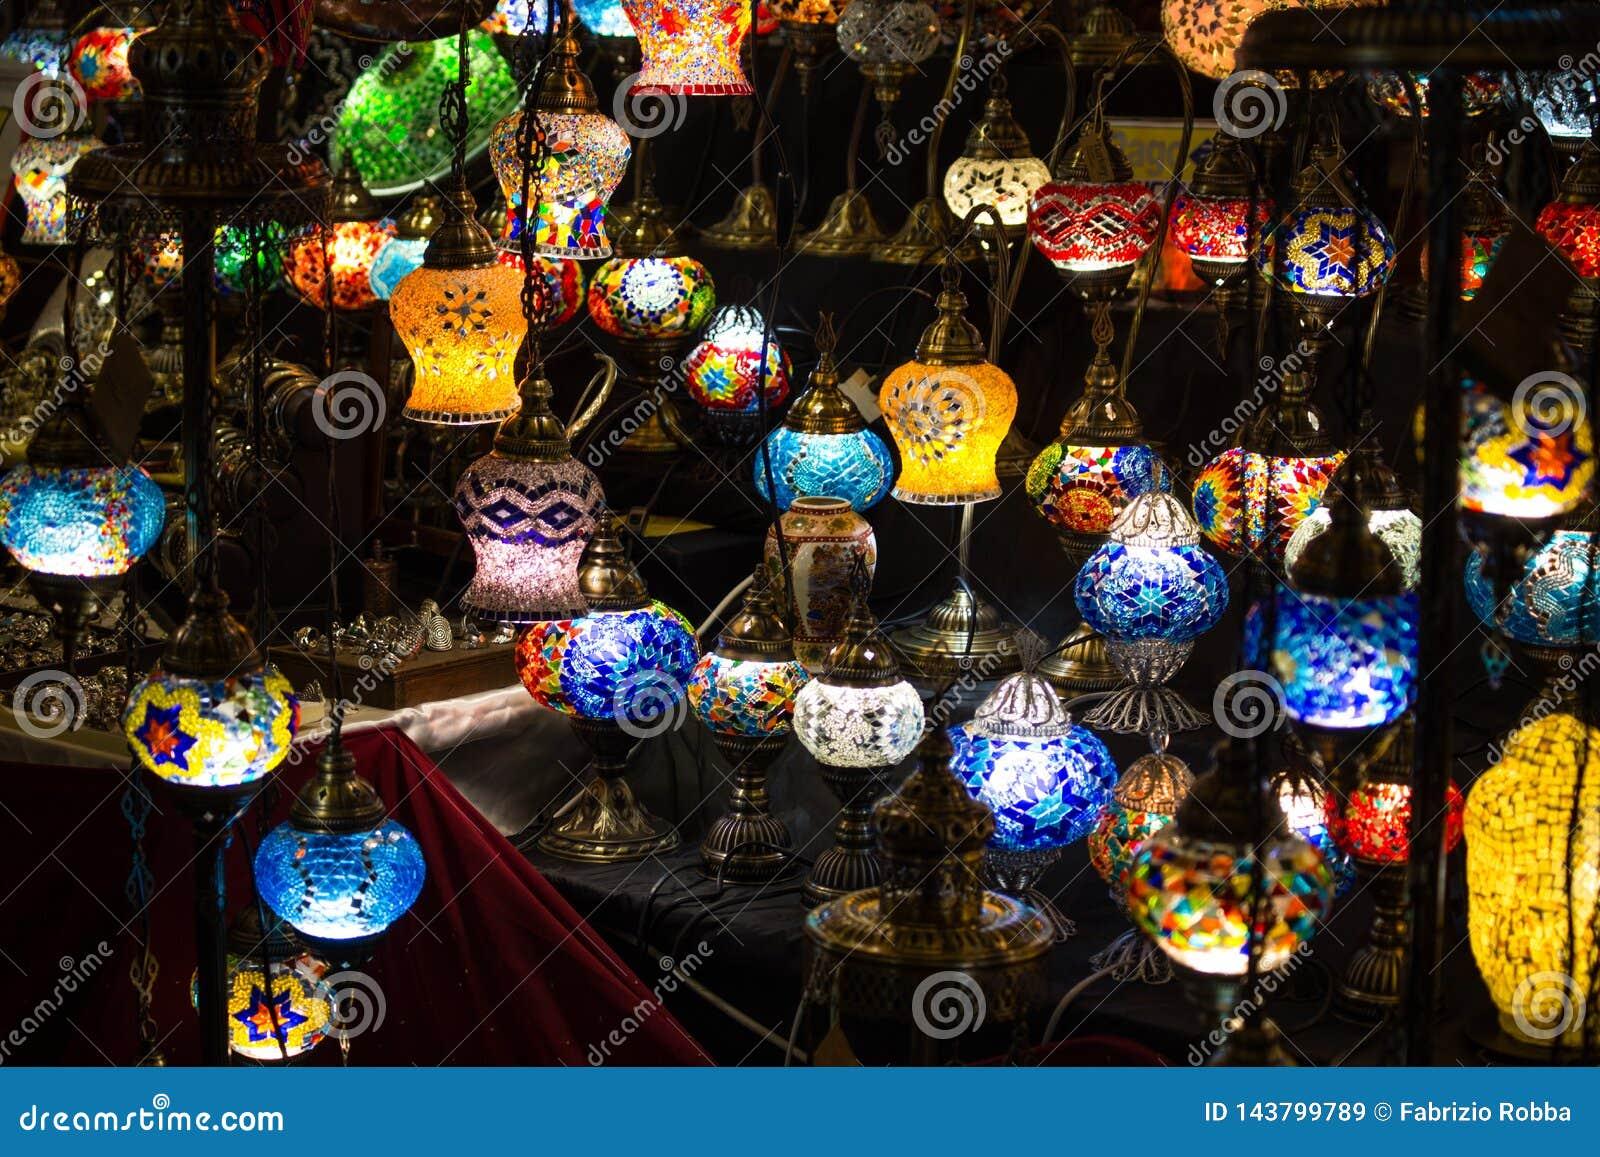 O close-up do vário círculo colorido deu forma a lâmpadas de vidro retros na escuridão, no mercado, como o efeito da cor do vinta